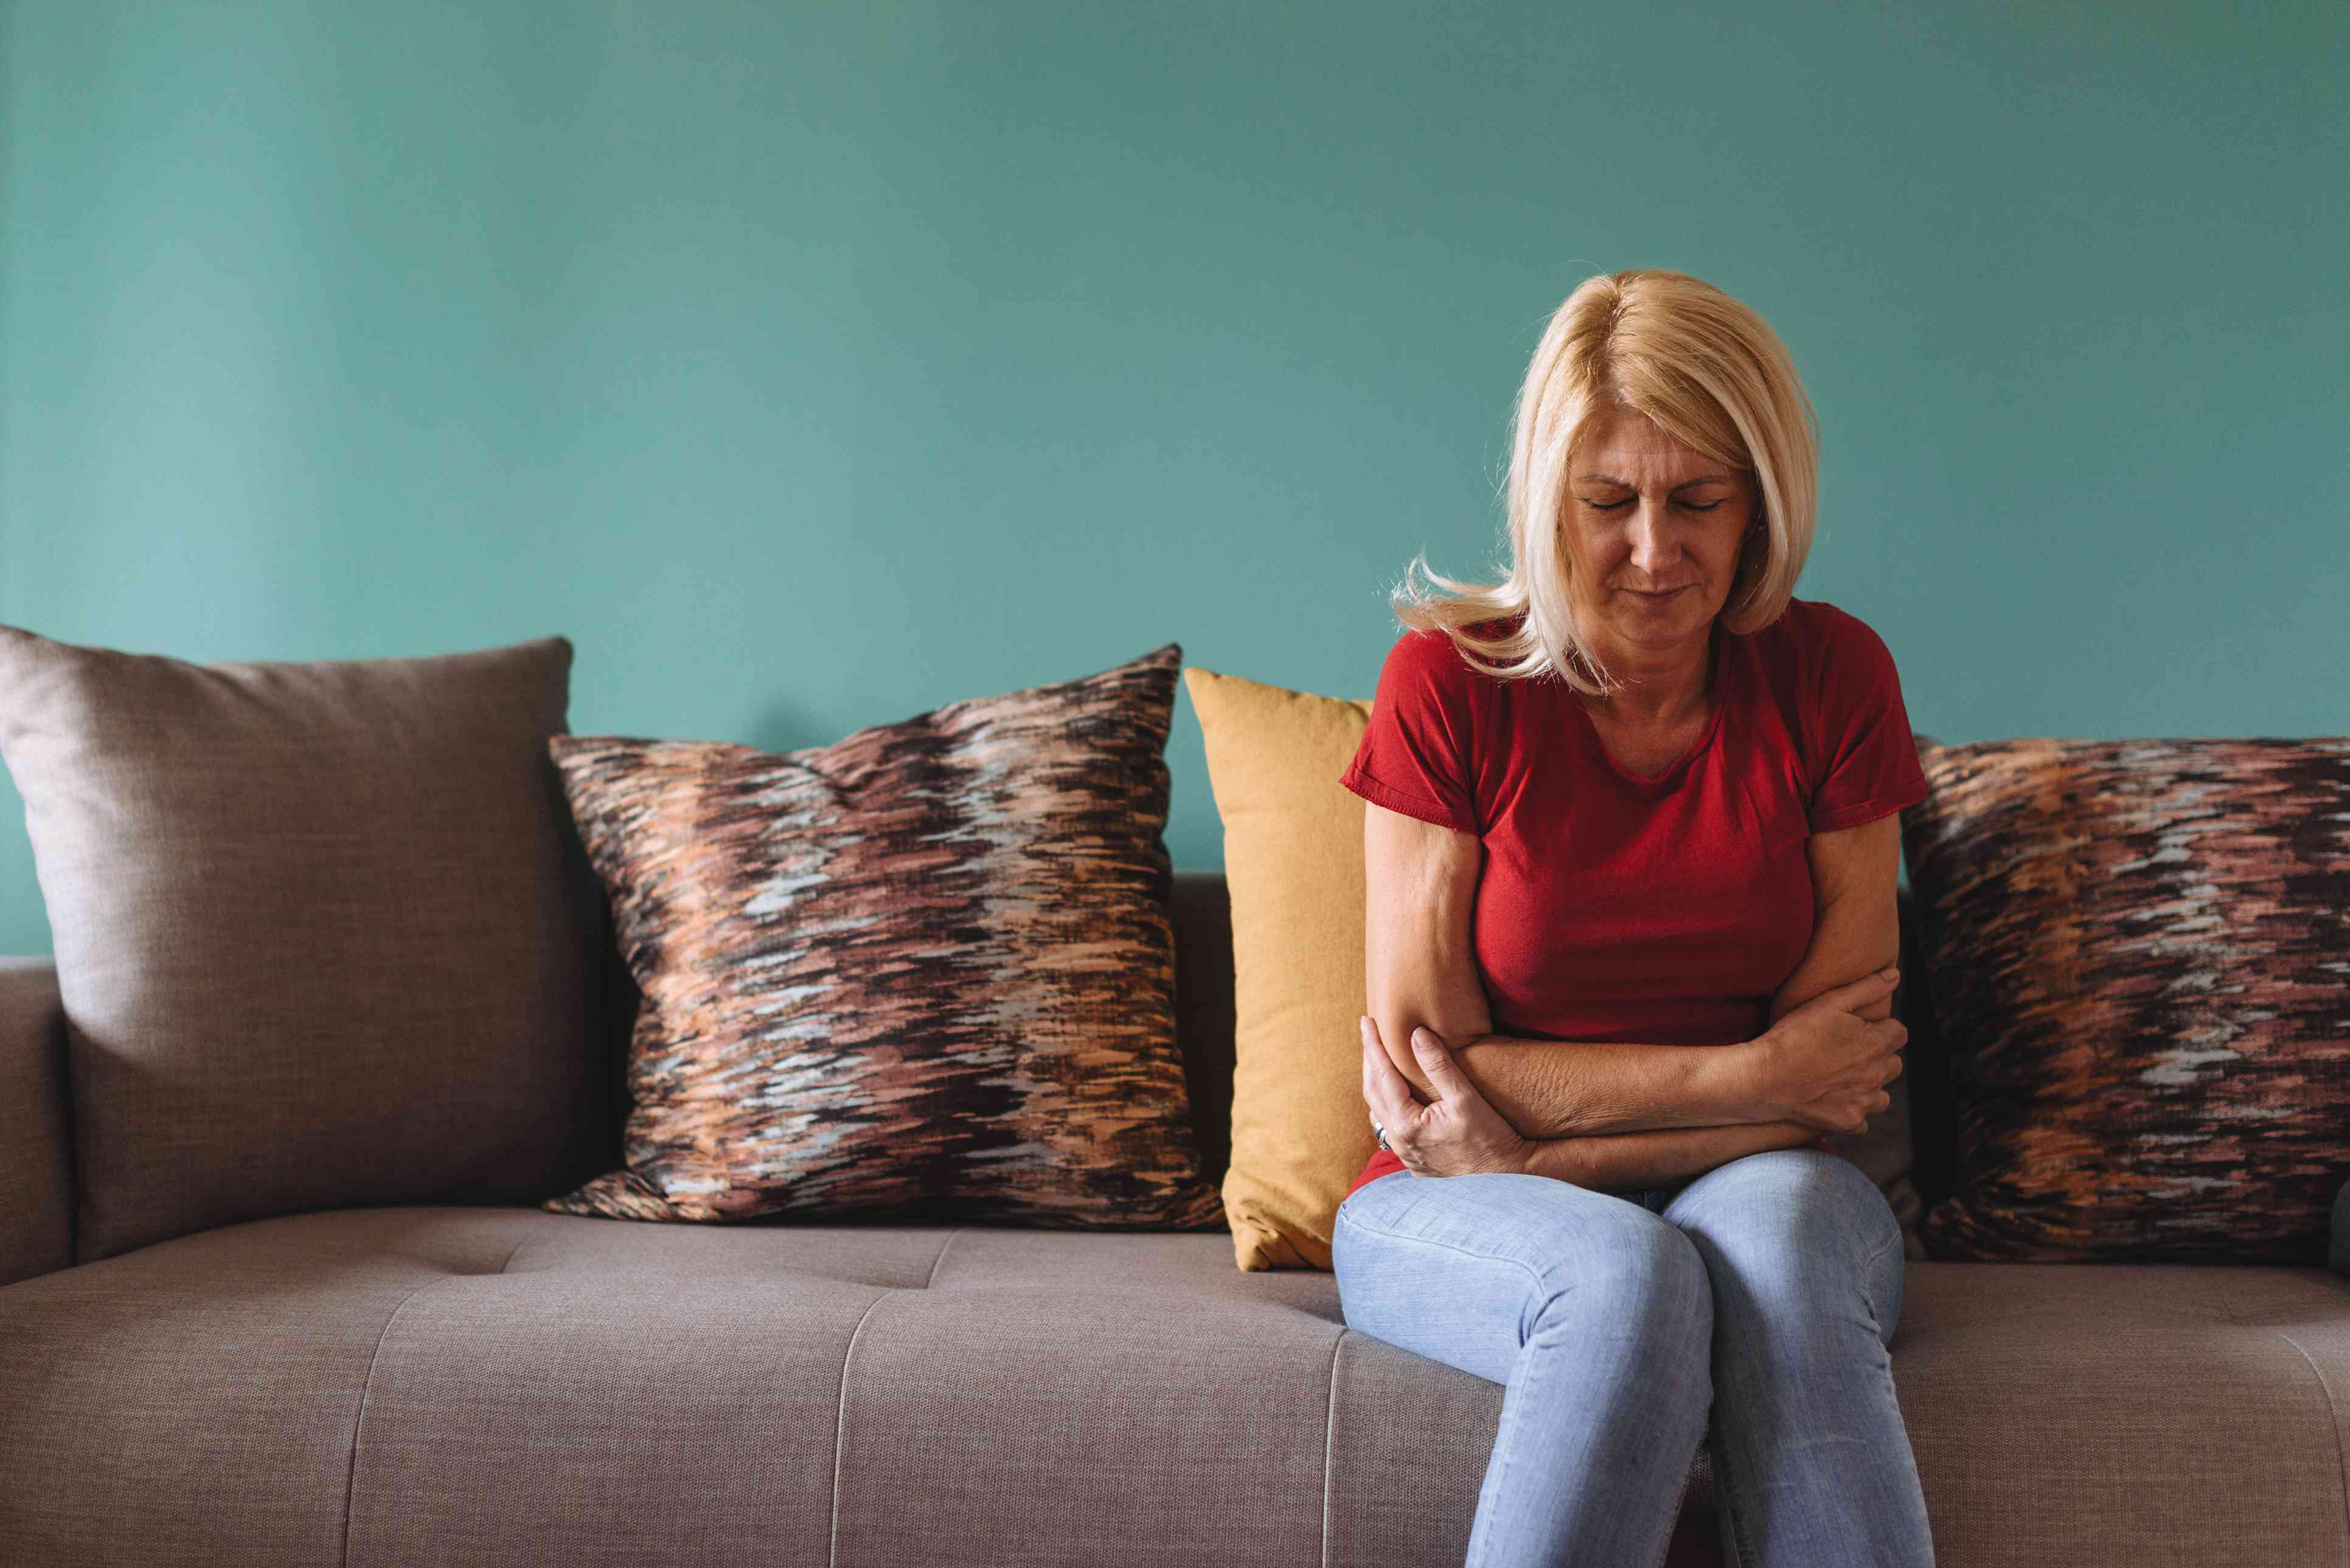 Mature woman facing pelvic pain at home